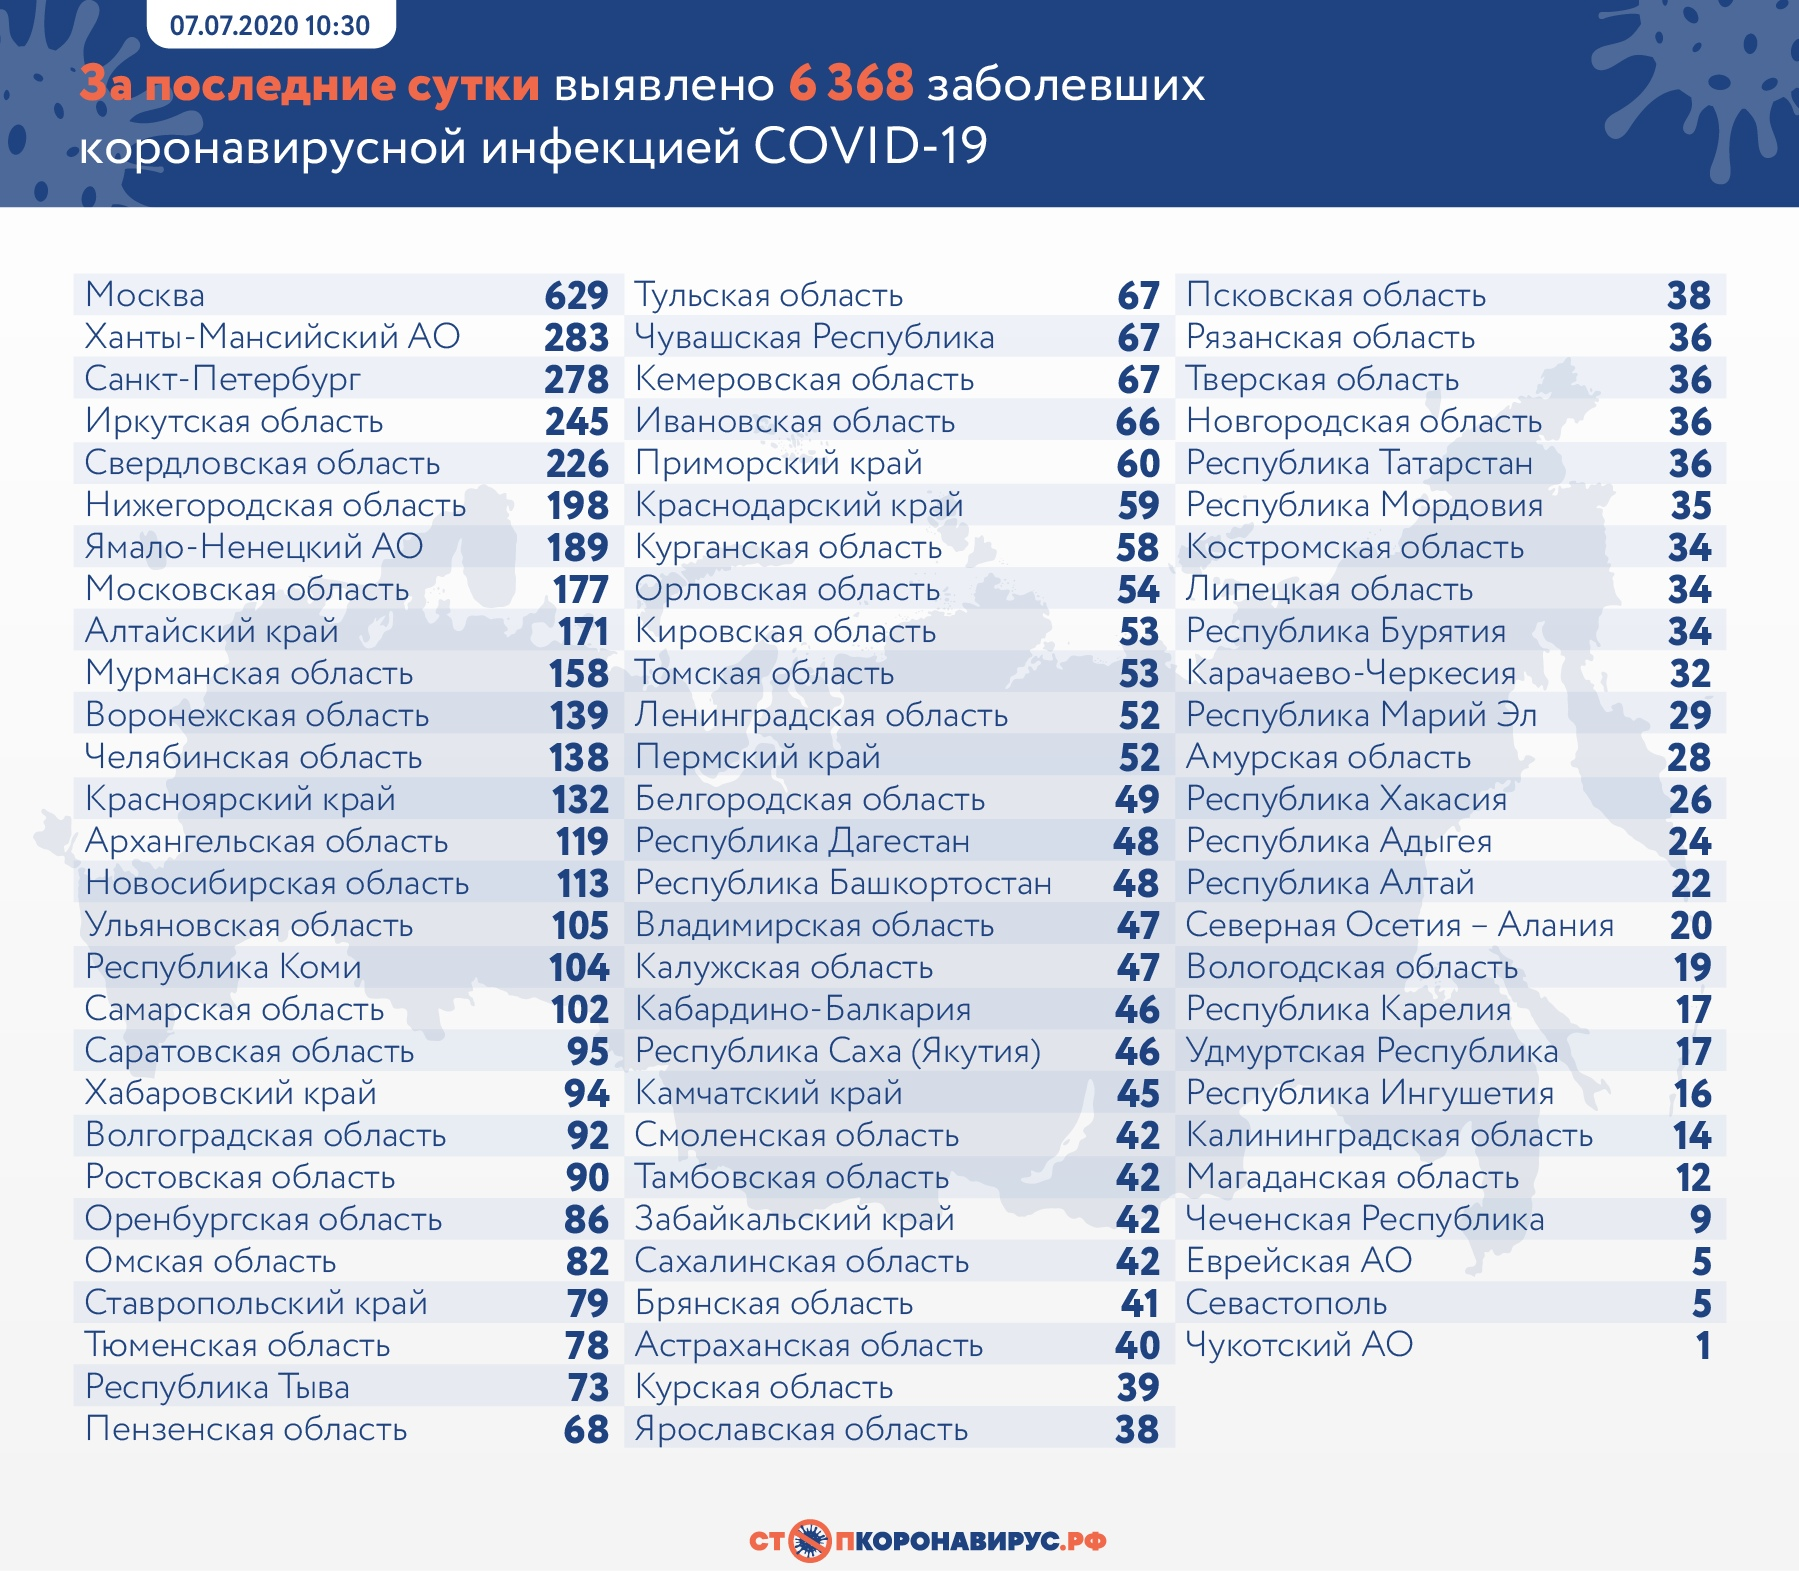 Еще более сотни человек заболели коронавирусом в Самарской области